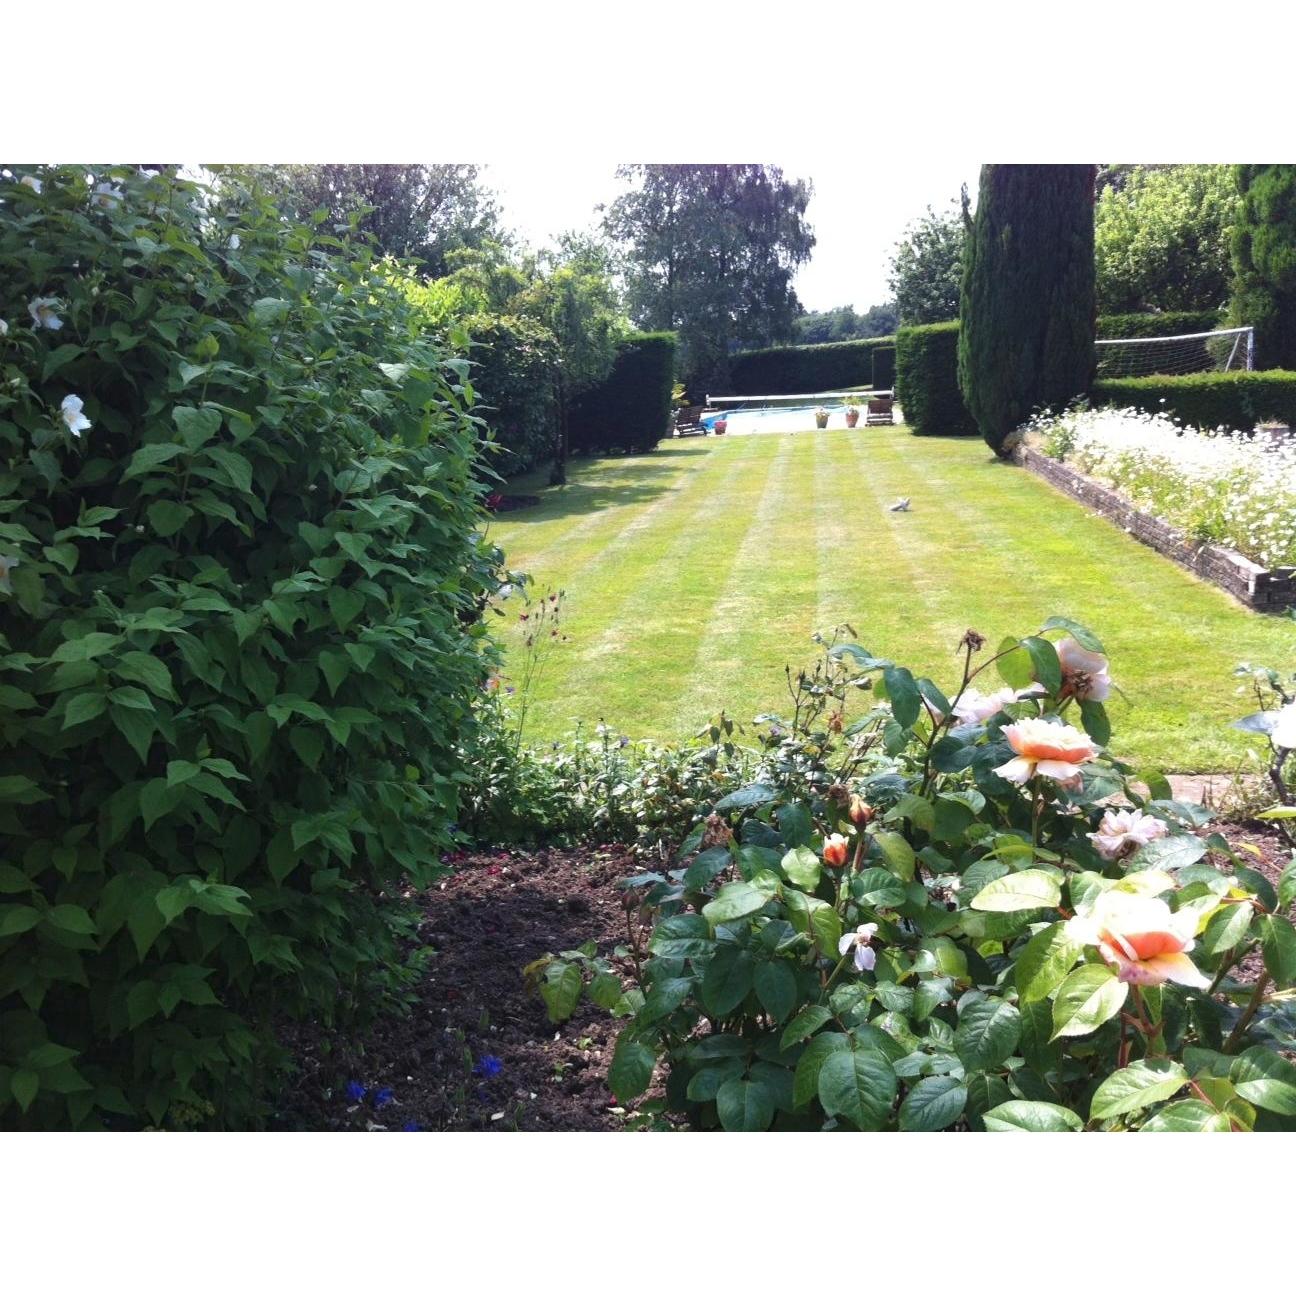 A z garden landscape services chesham landscape for Local gardening services